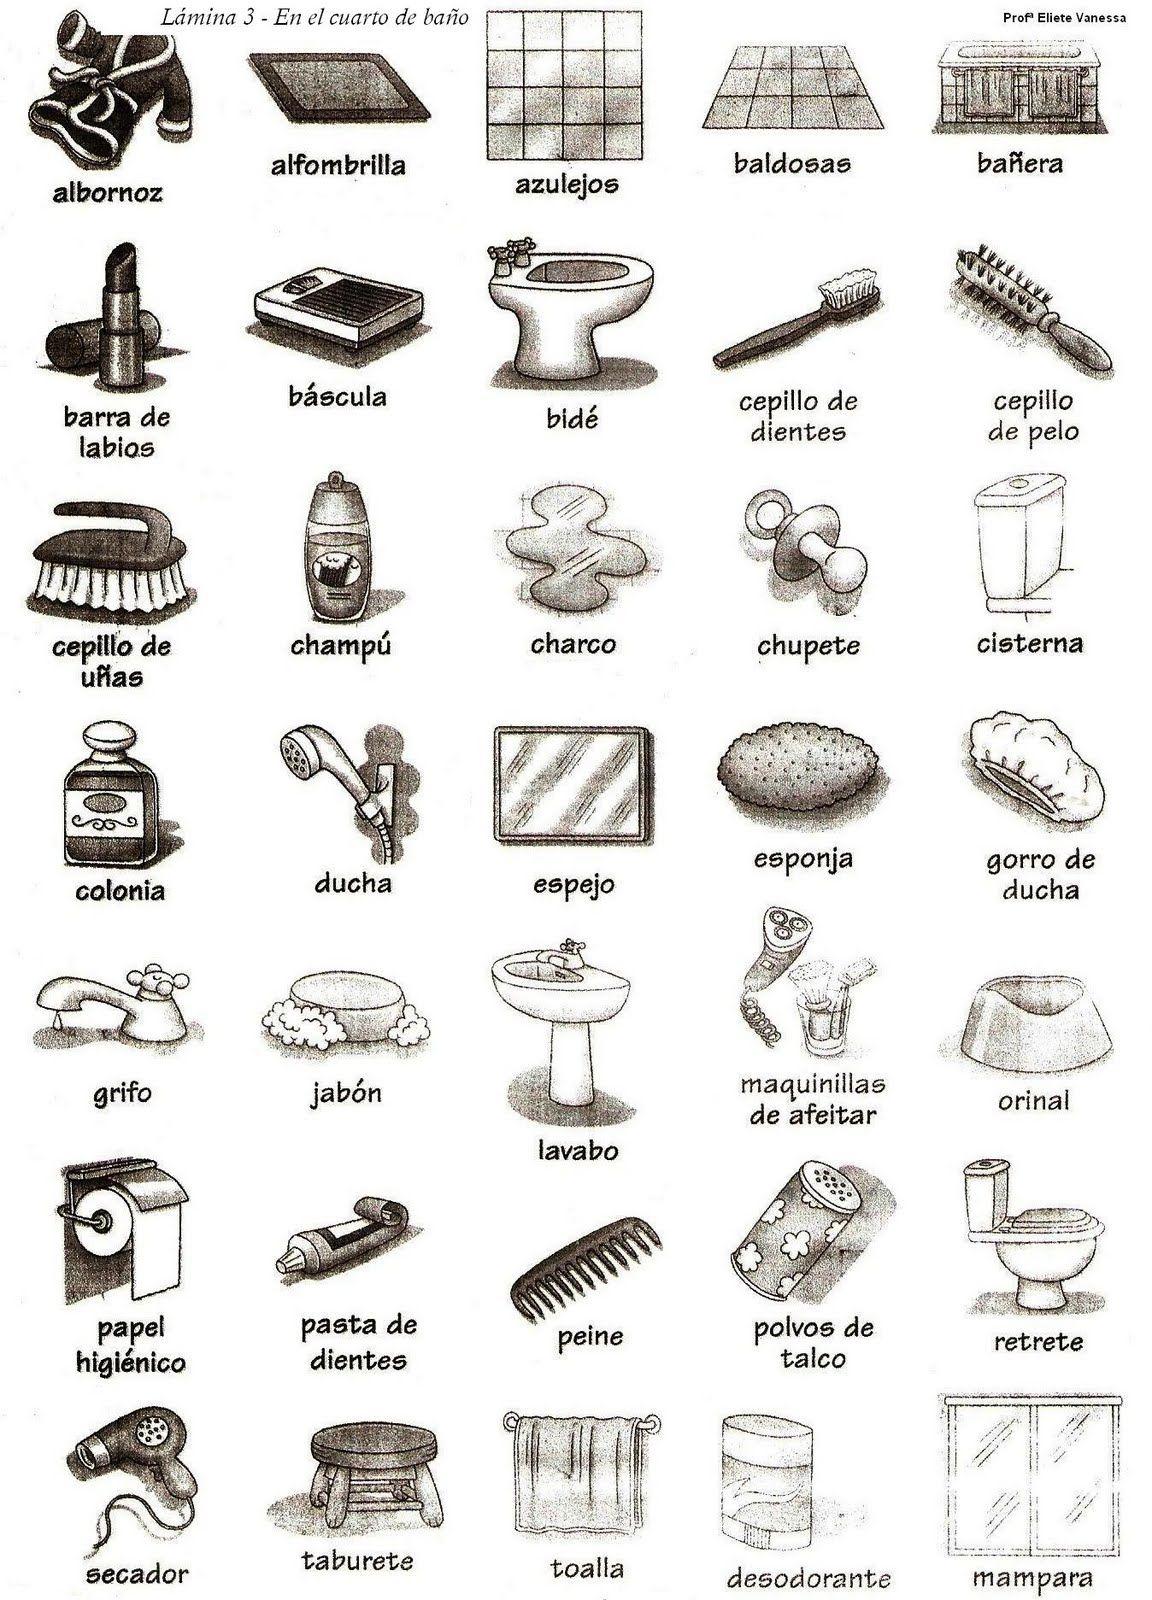 El cuarto de ba o spanish vocabulary for bathroom spanish - Cuarto de bano com ...